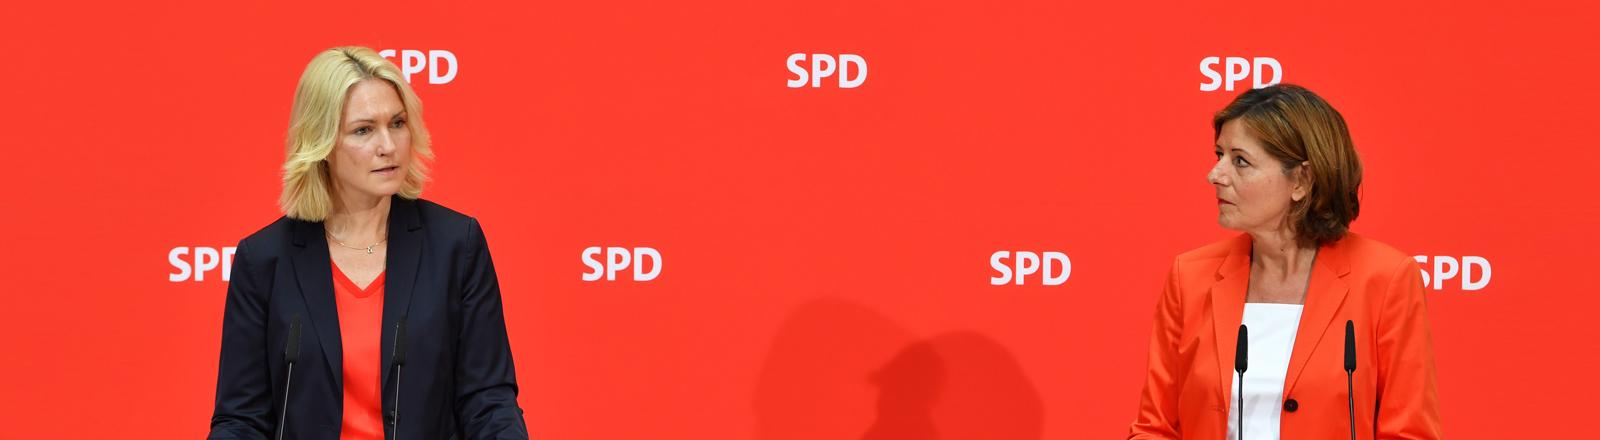 Manuela Schwesig und Malu Dreyer auf einer SPD-Pressekonferenz.